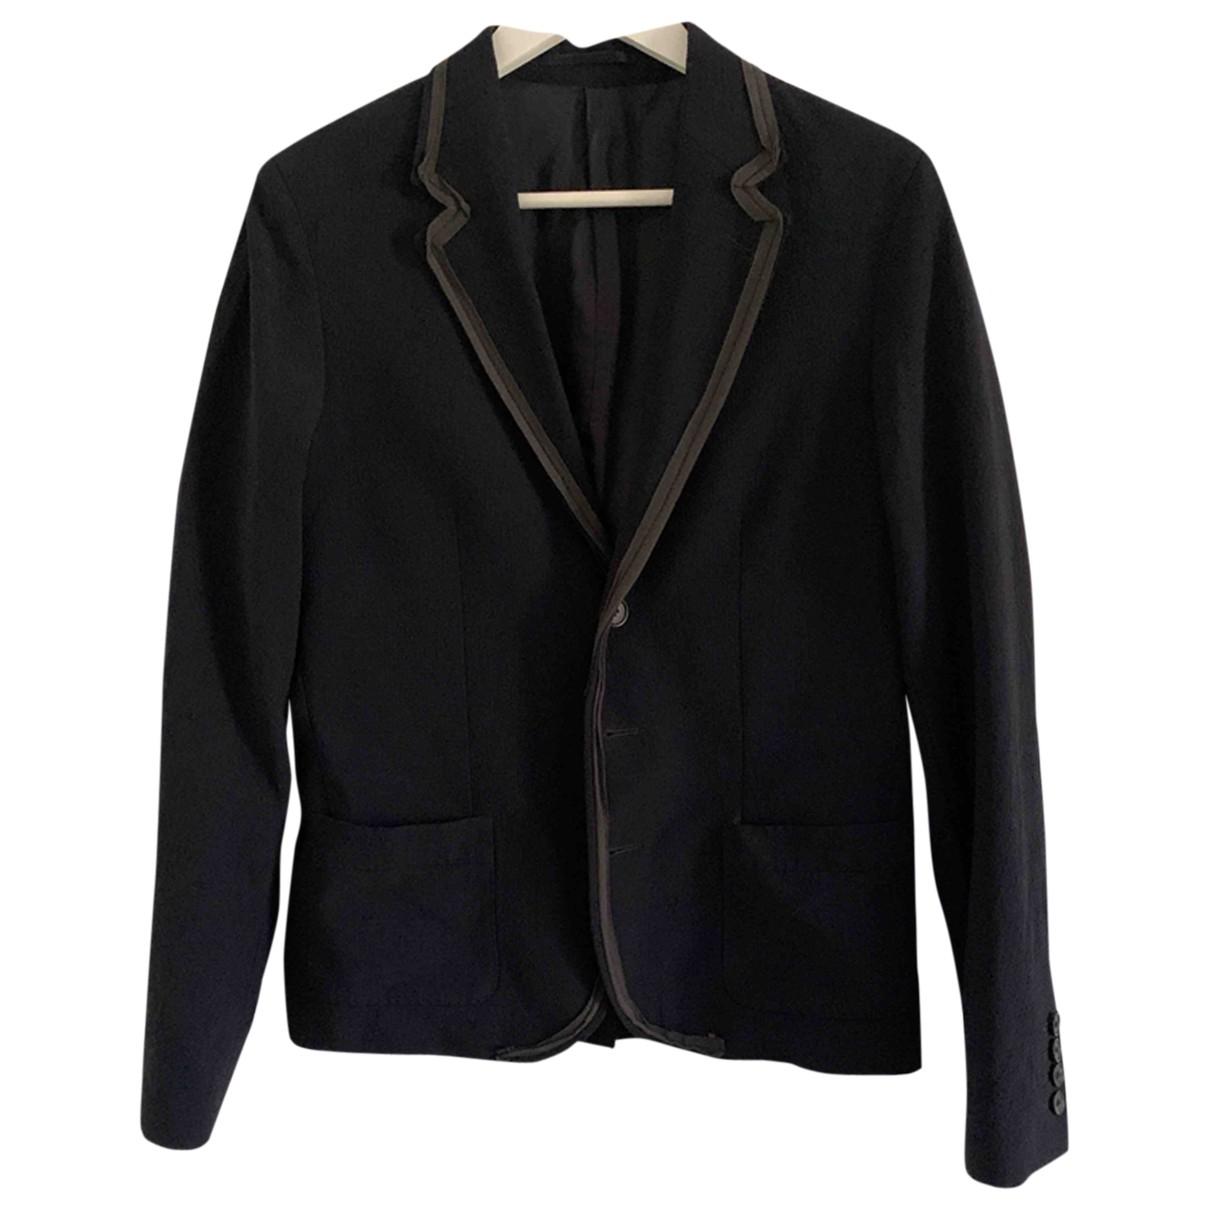 Lanvin For H&m - Vestes.Blousons   pour homme en laine - marine